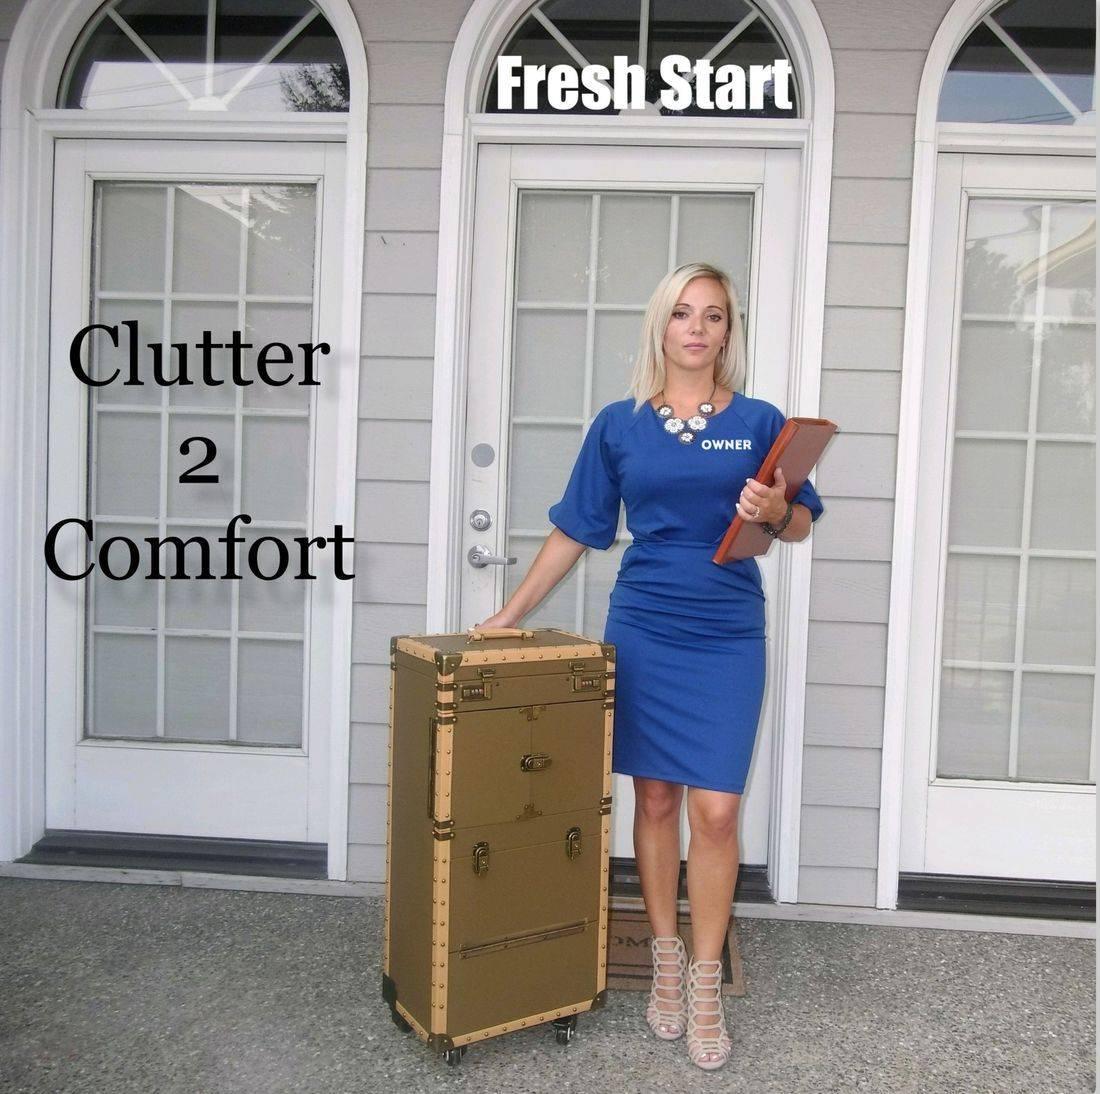 Clutter 2 Comfort